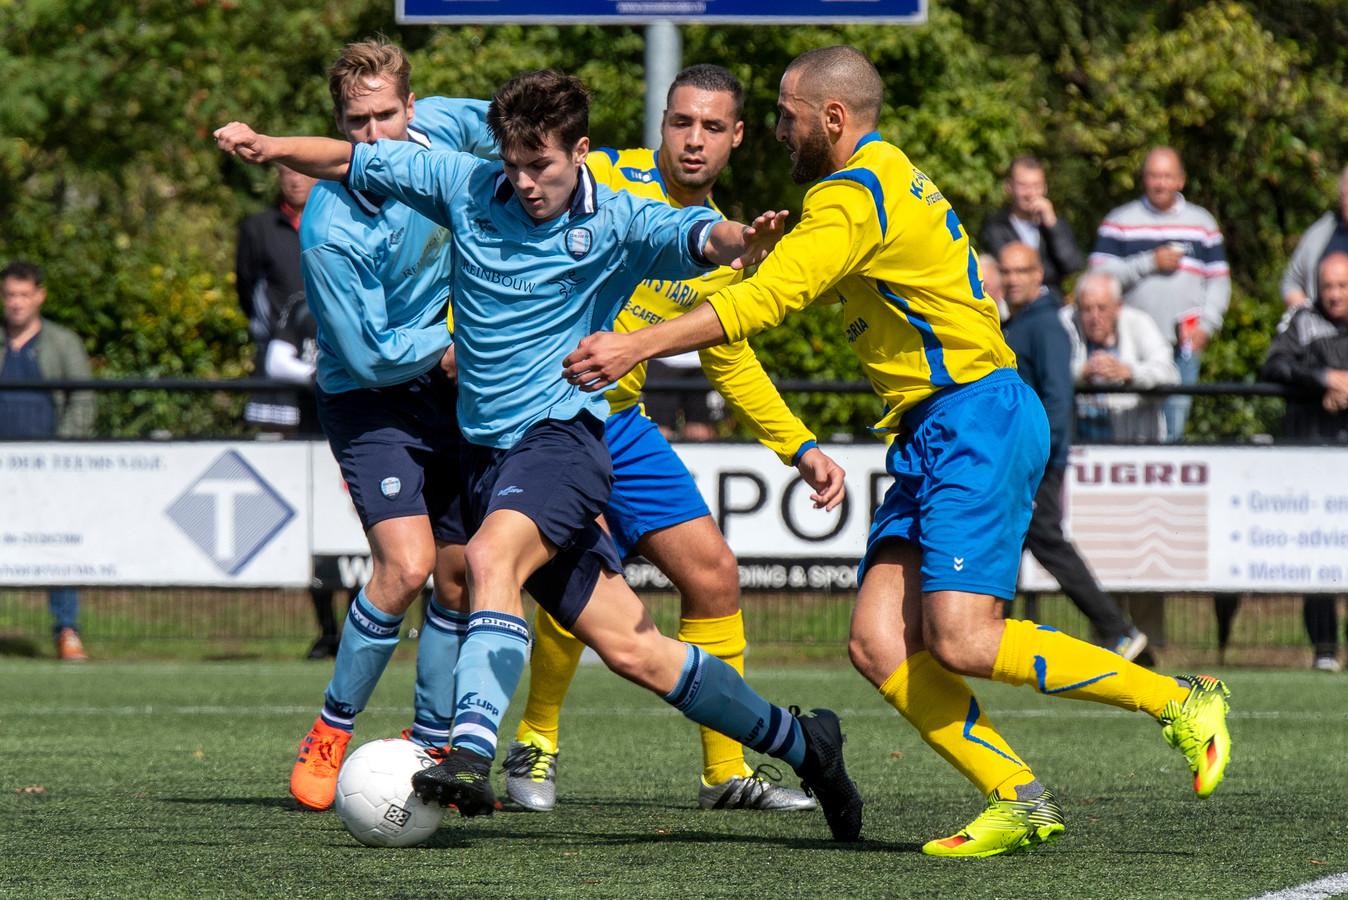 Dieren (blauw shirt), hier in actie tegen SC Veluwezoom, werd opnieuw winnaar van de Rheden Cup.